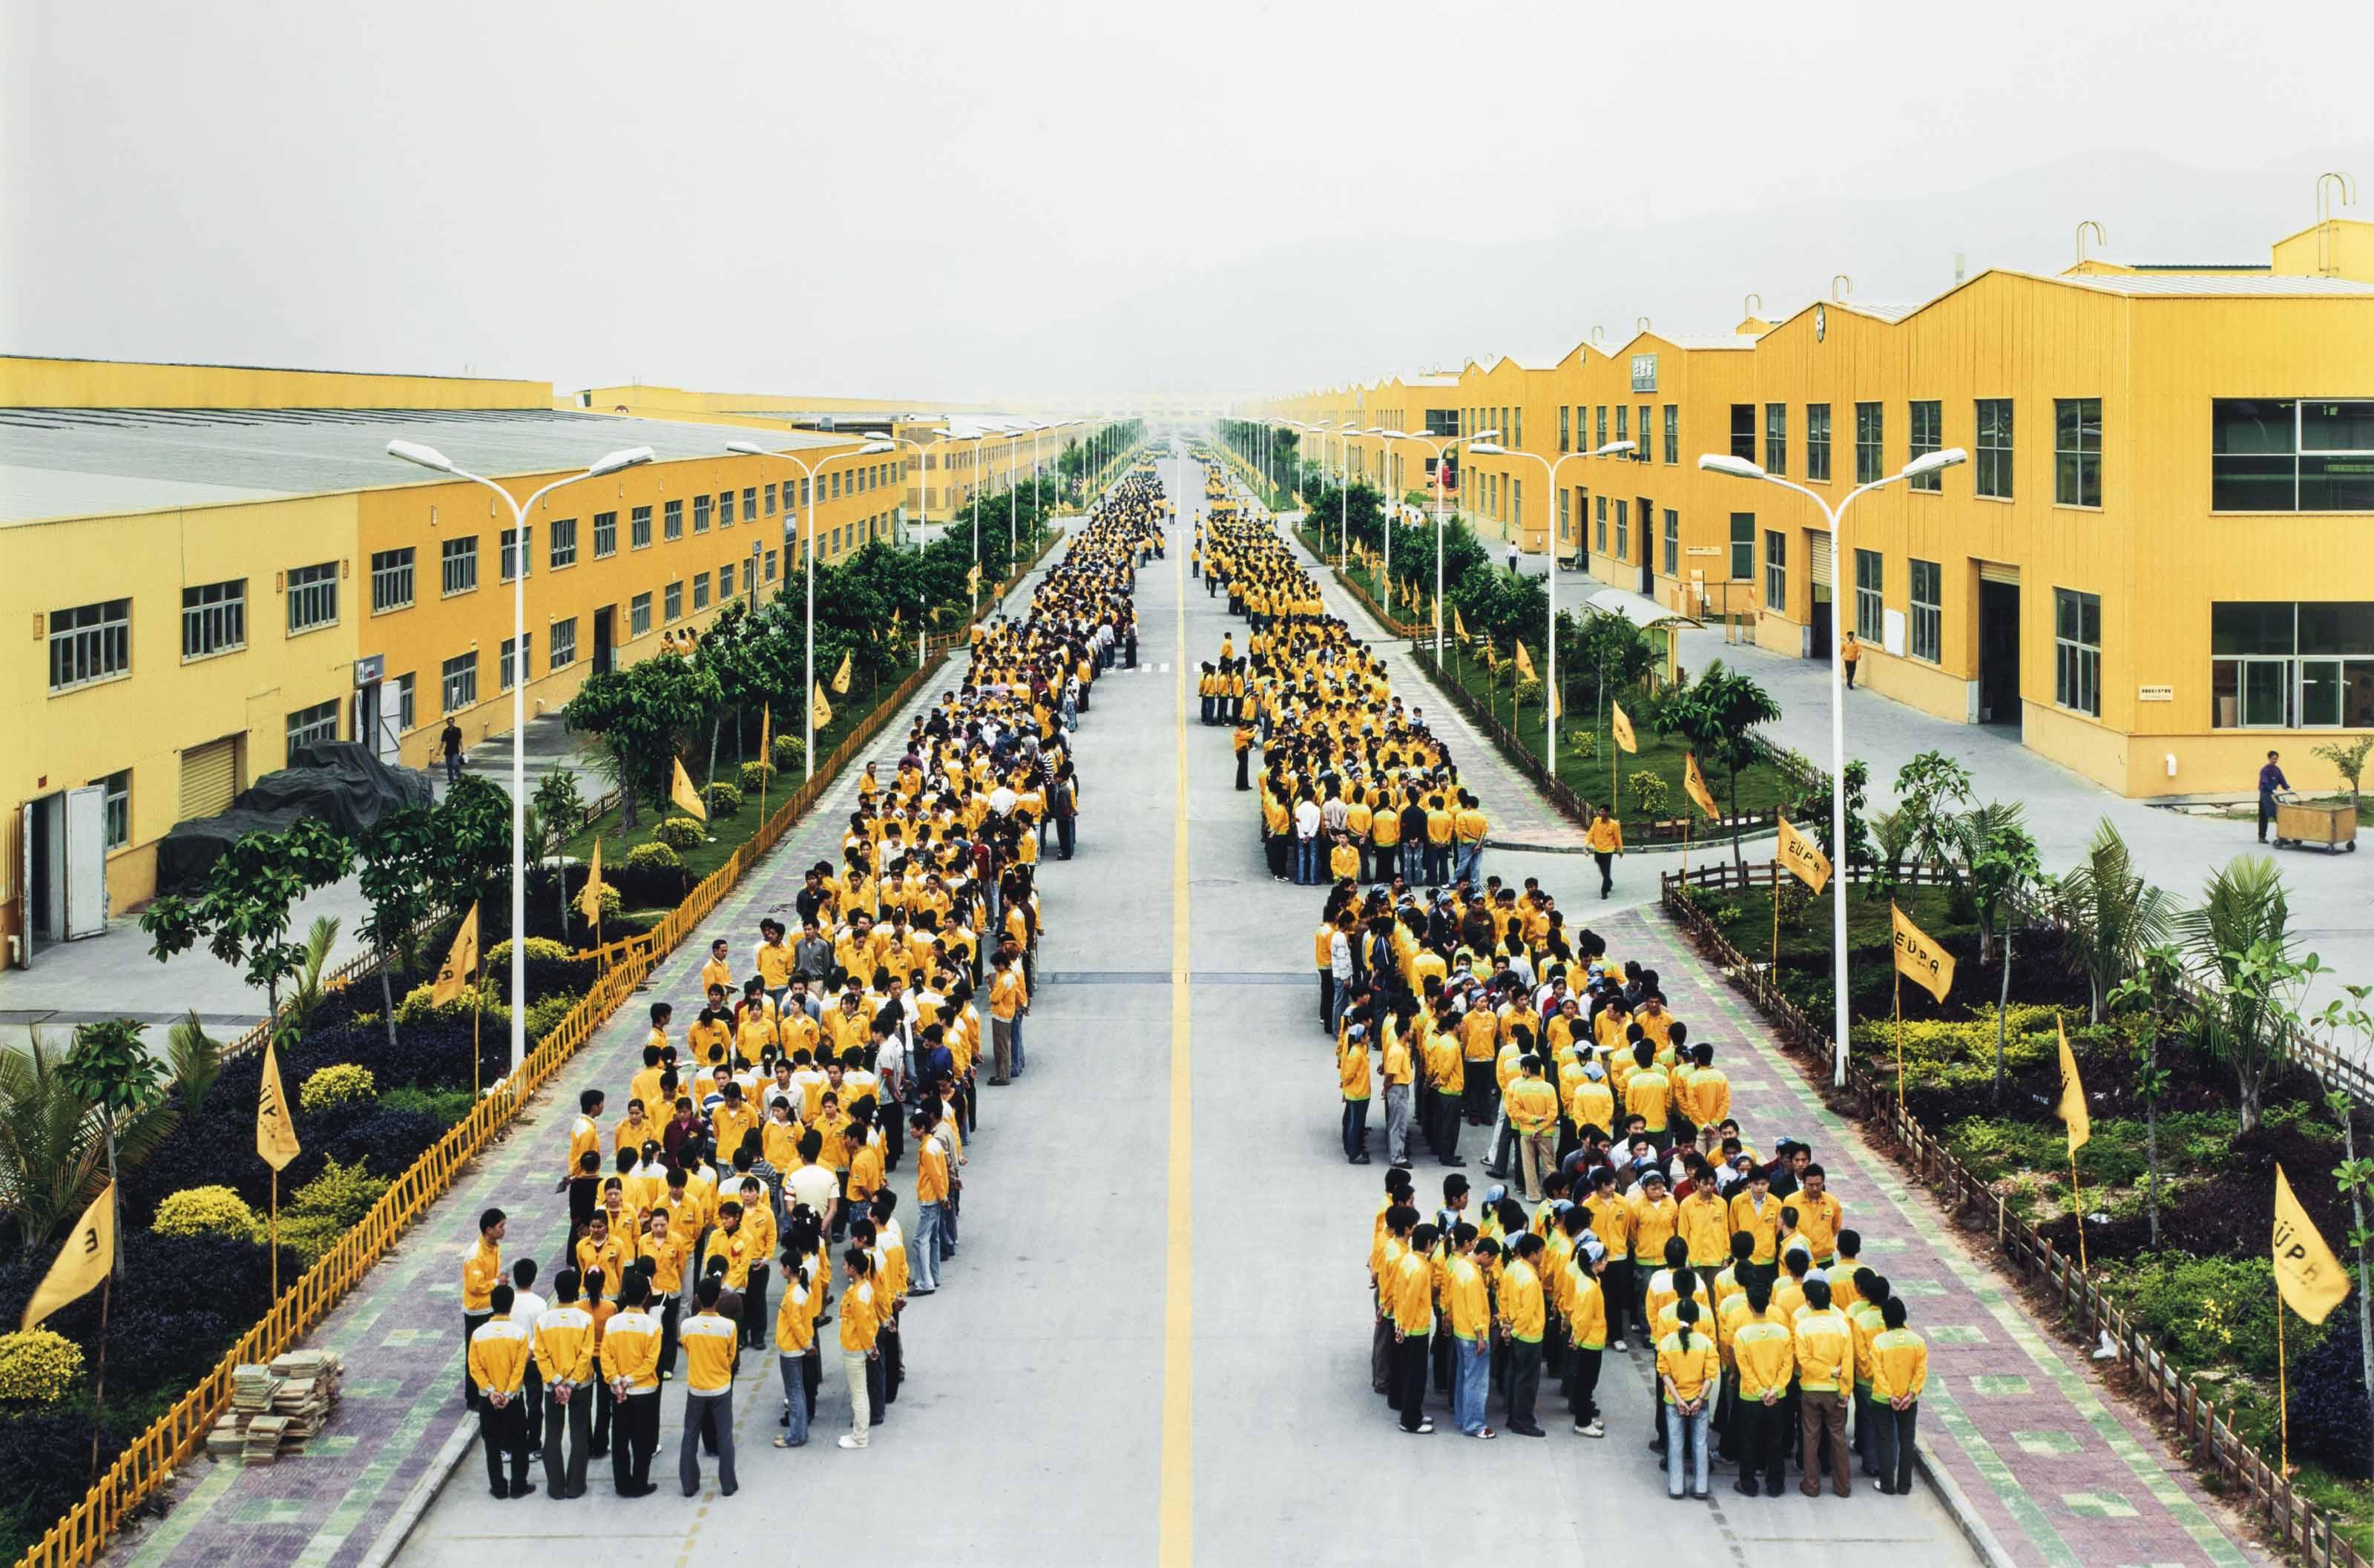 Manufacturing #18, Cankun Factory, Zhangzhou, Fujian Province, China, 2005